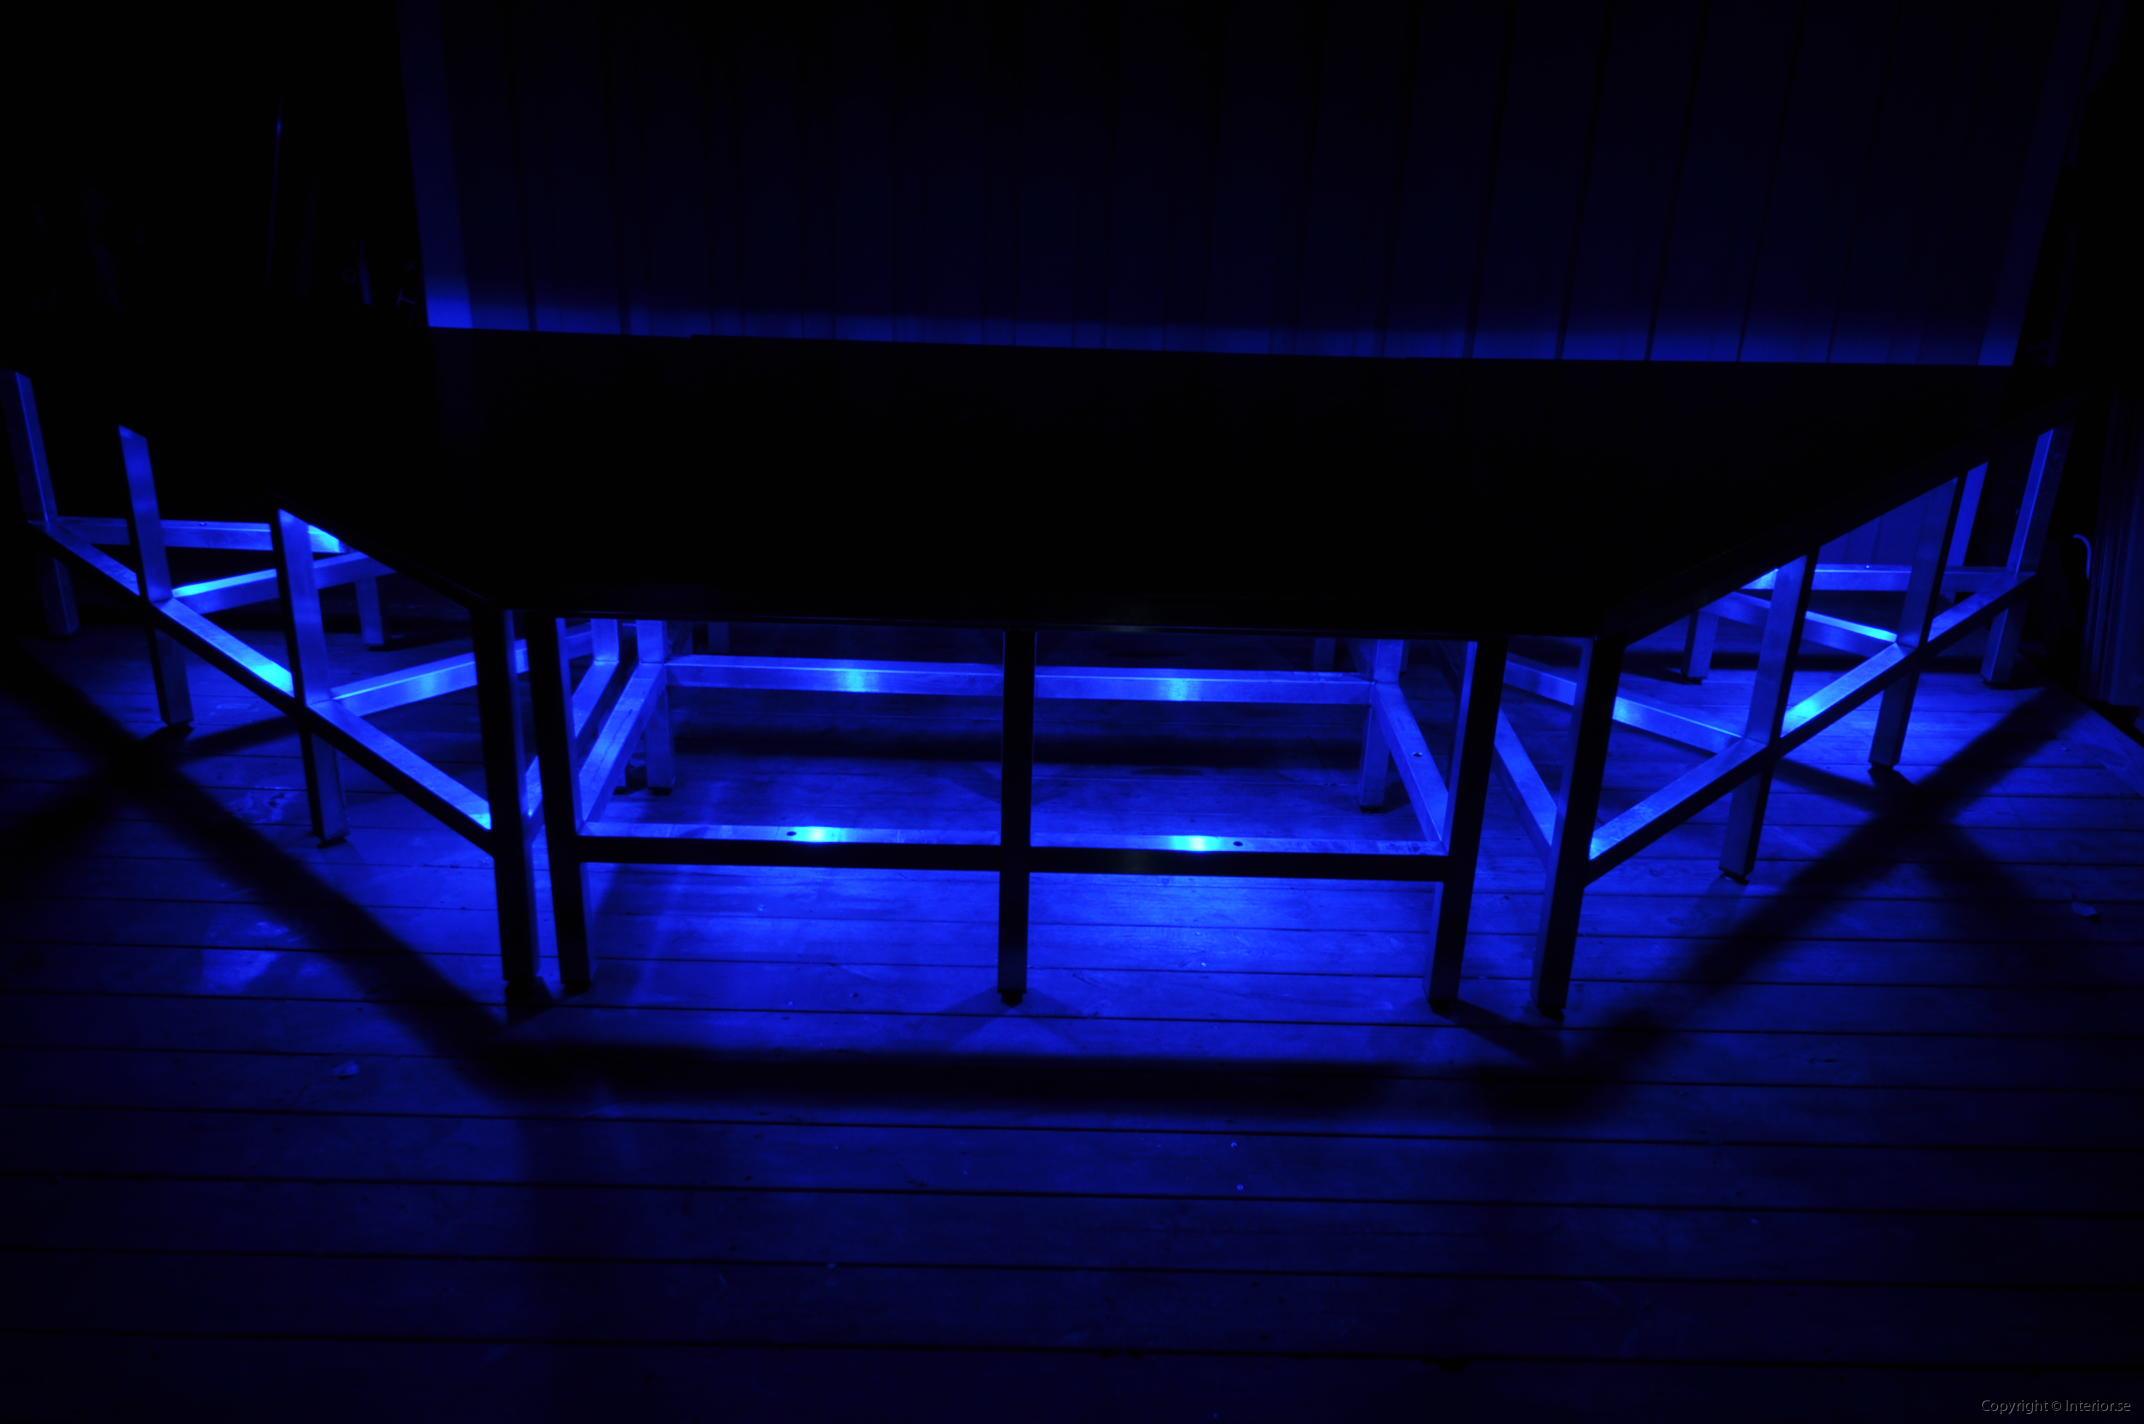 hyra scen podier podium rostfri dansscen hyr stockholm event möbler inredning (3)